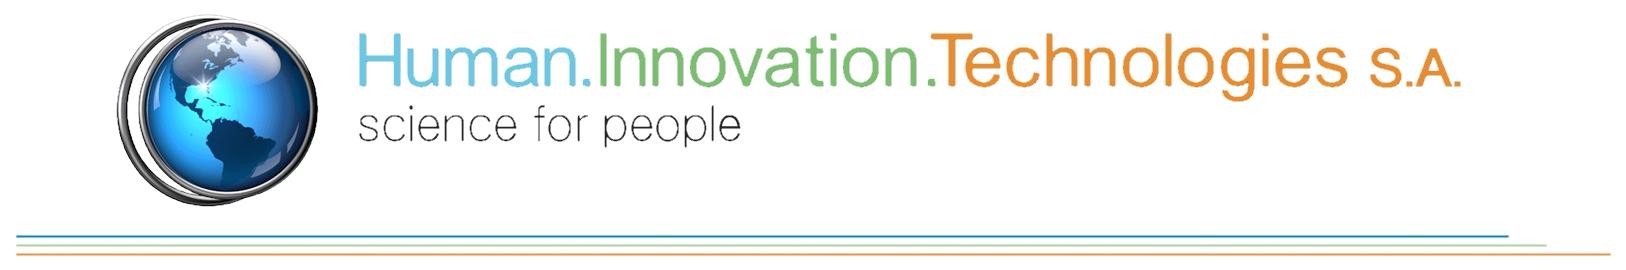 Συνέντευξη του Αναστάσιου Βασιλειάδη – Αντιπροέδρου της Human Innovation Technologies στο Startup.gr